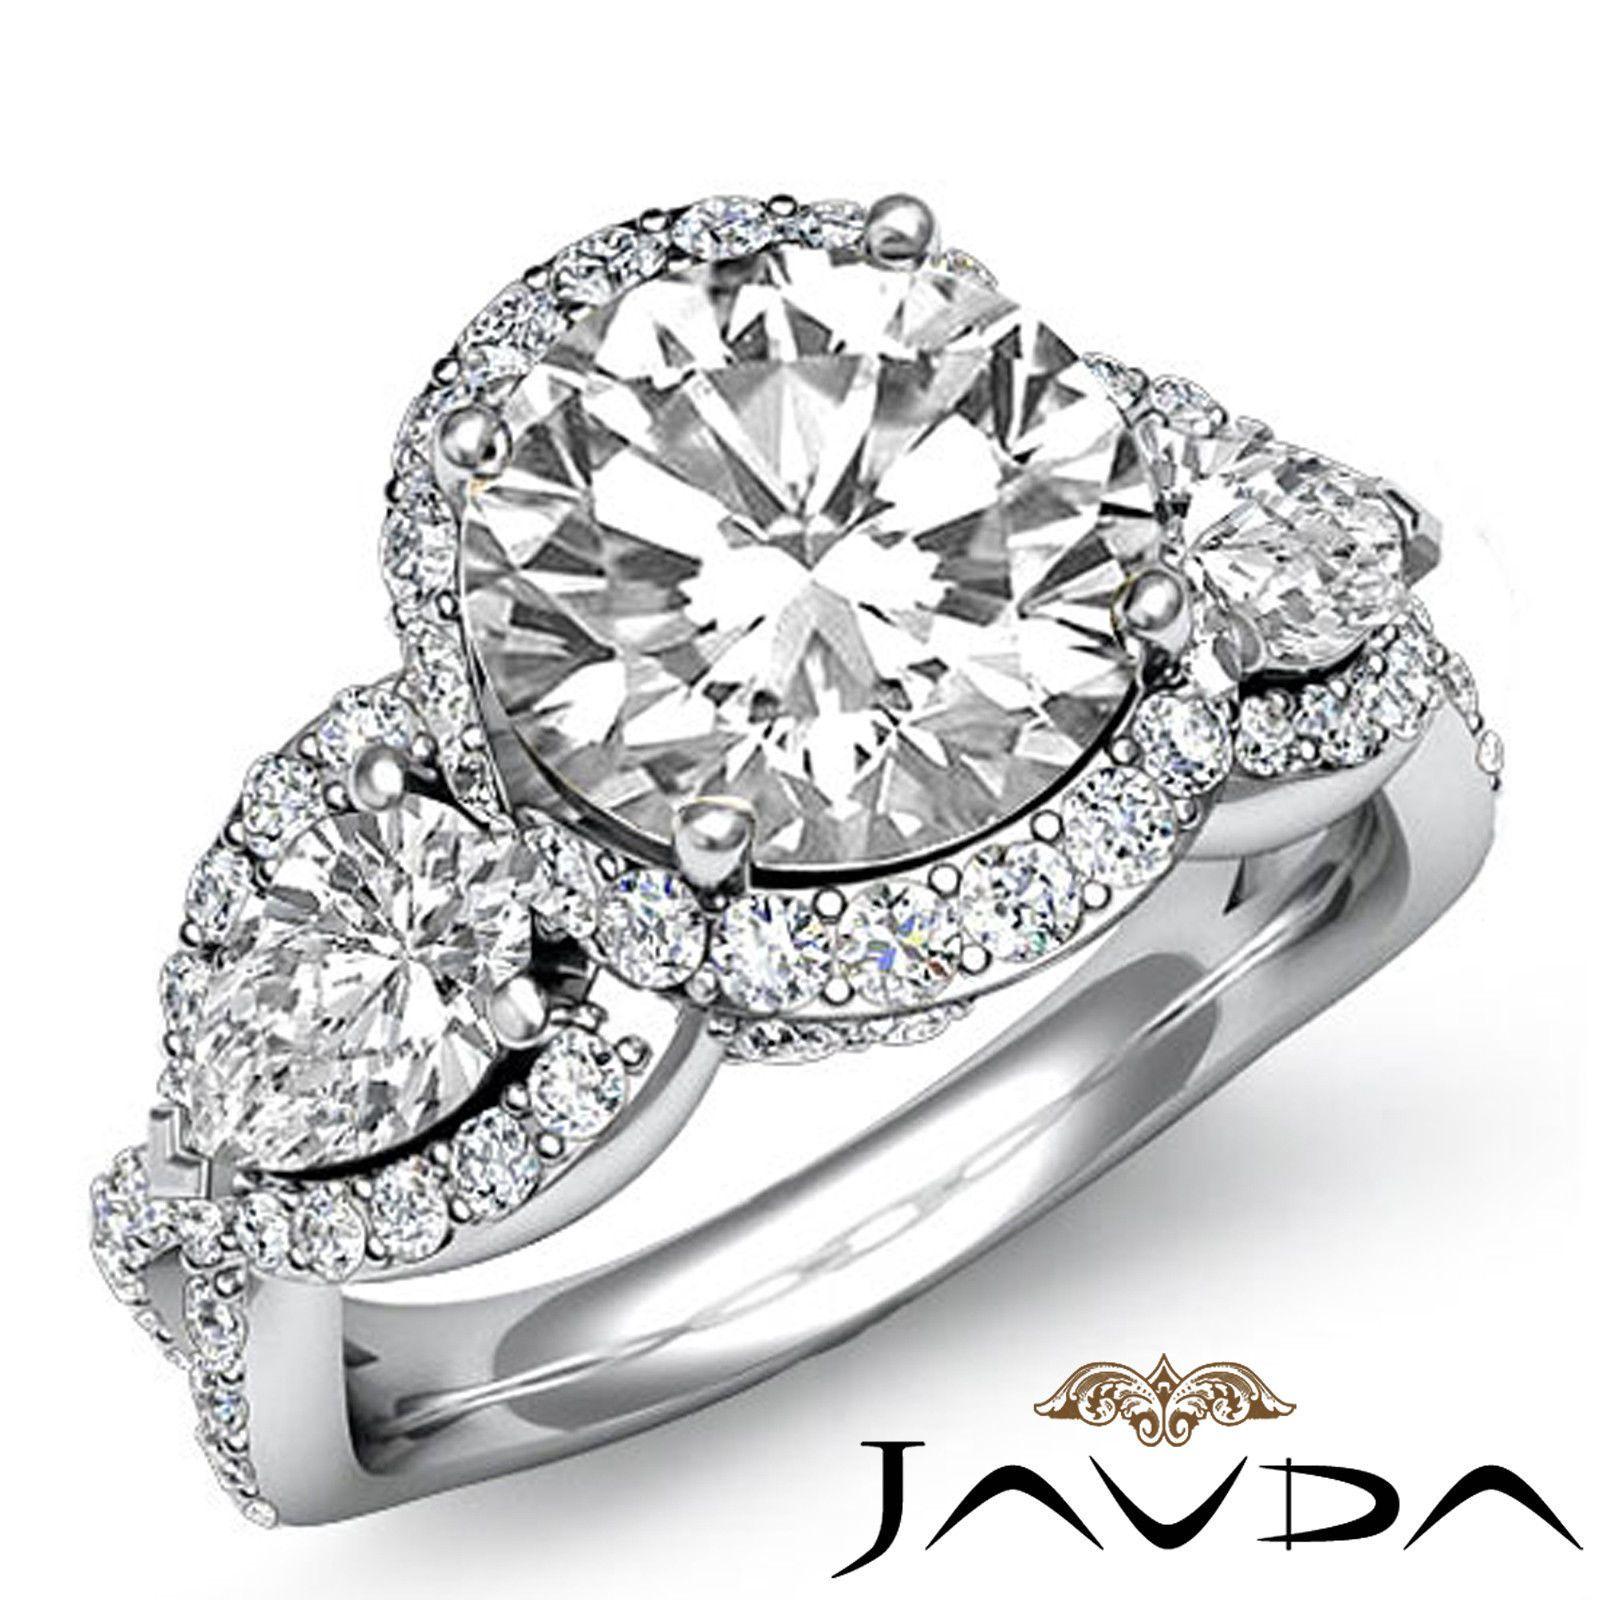 Cross Shank Round Diamond Three 3 Stone Engagement Ring